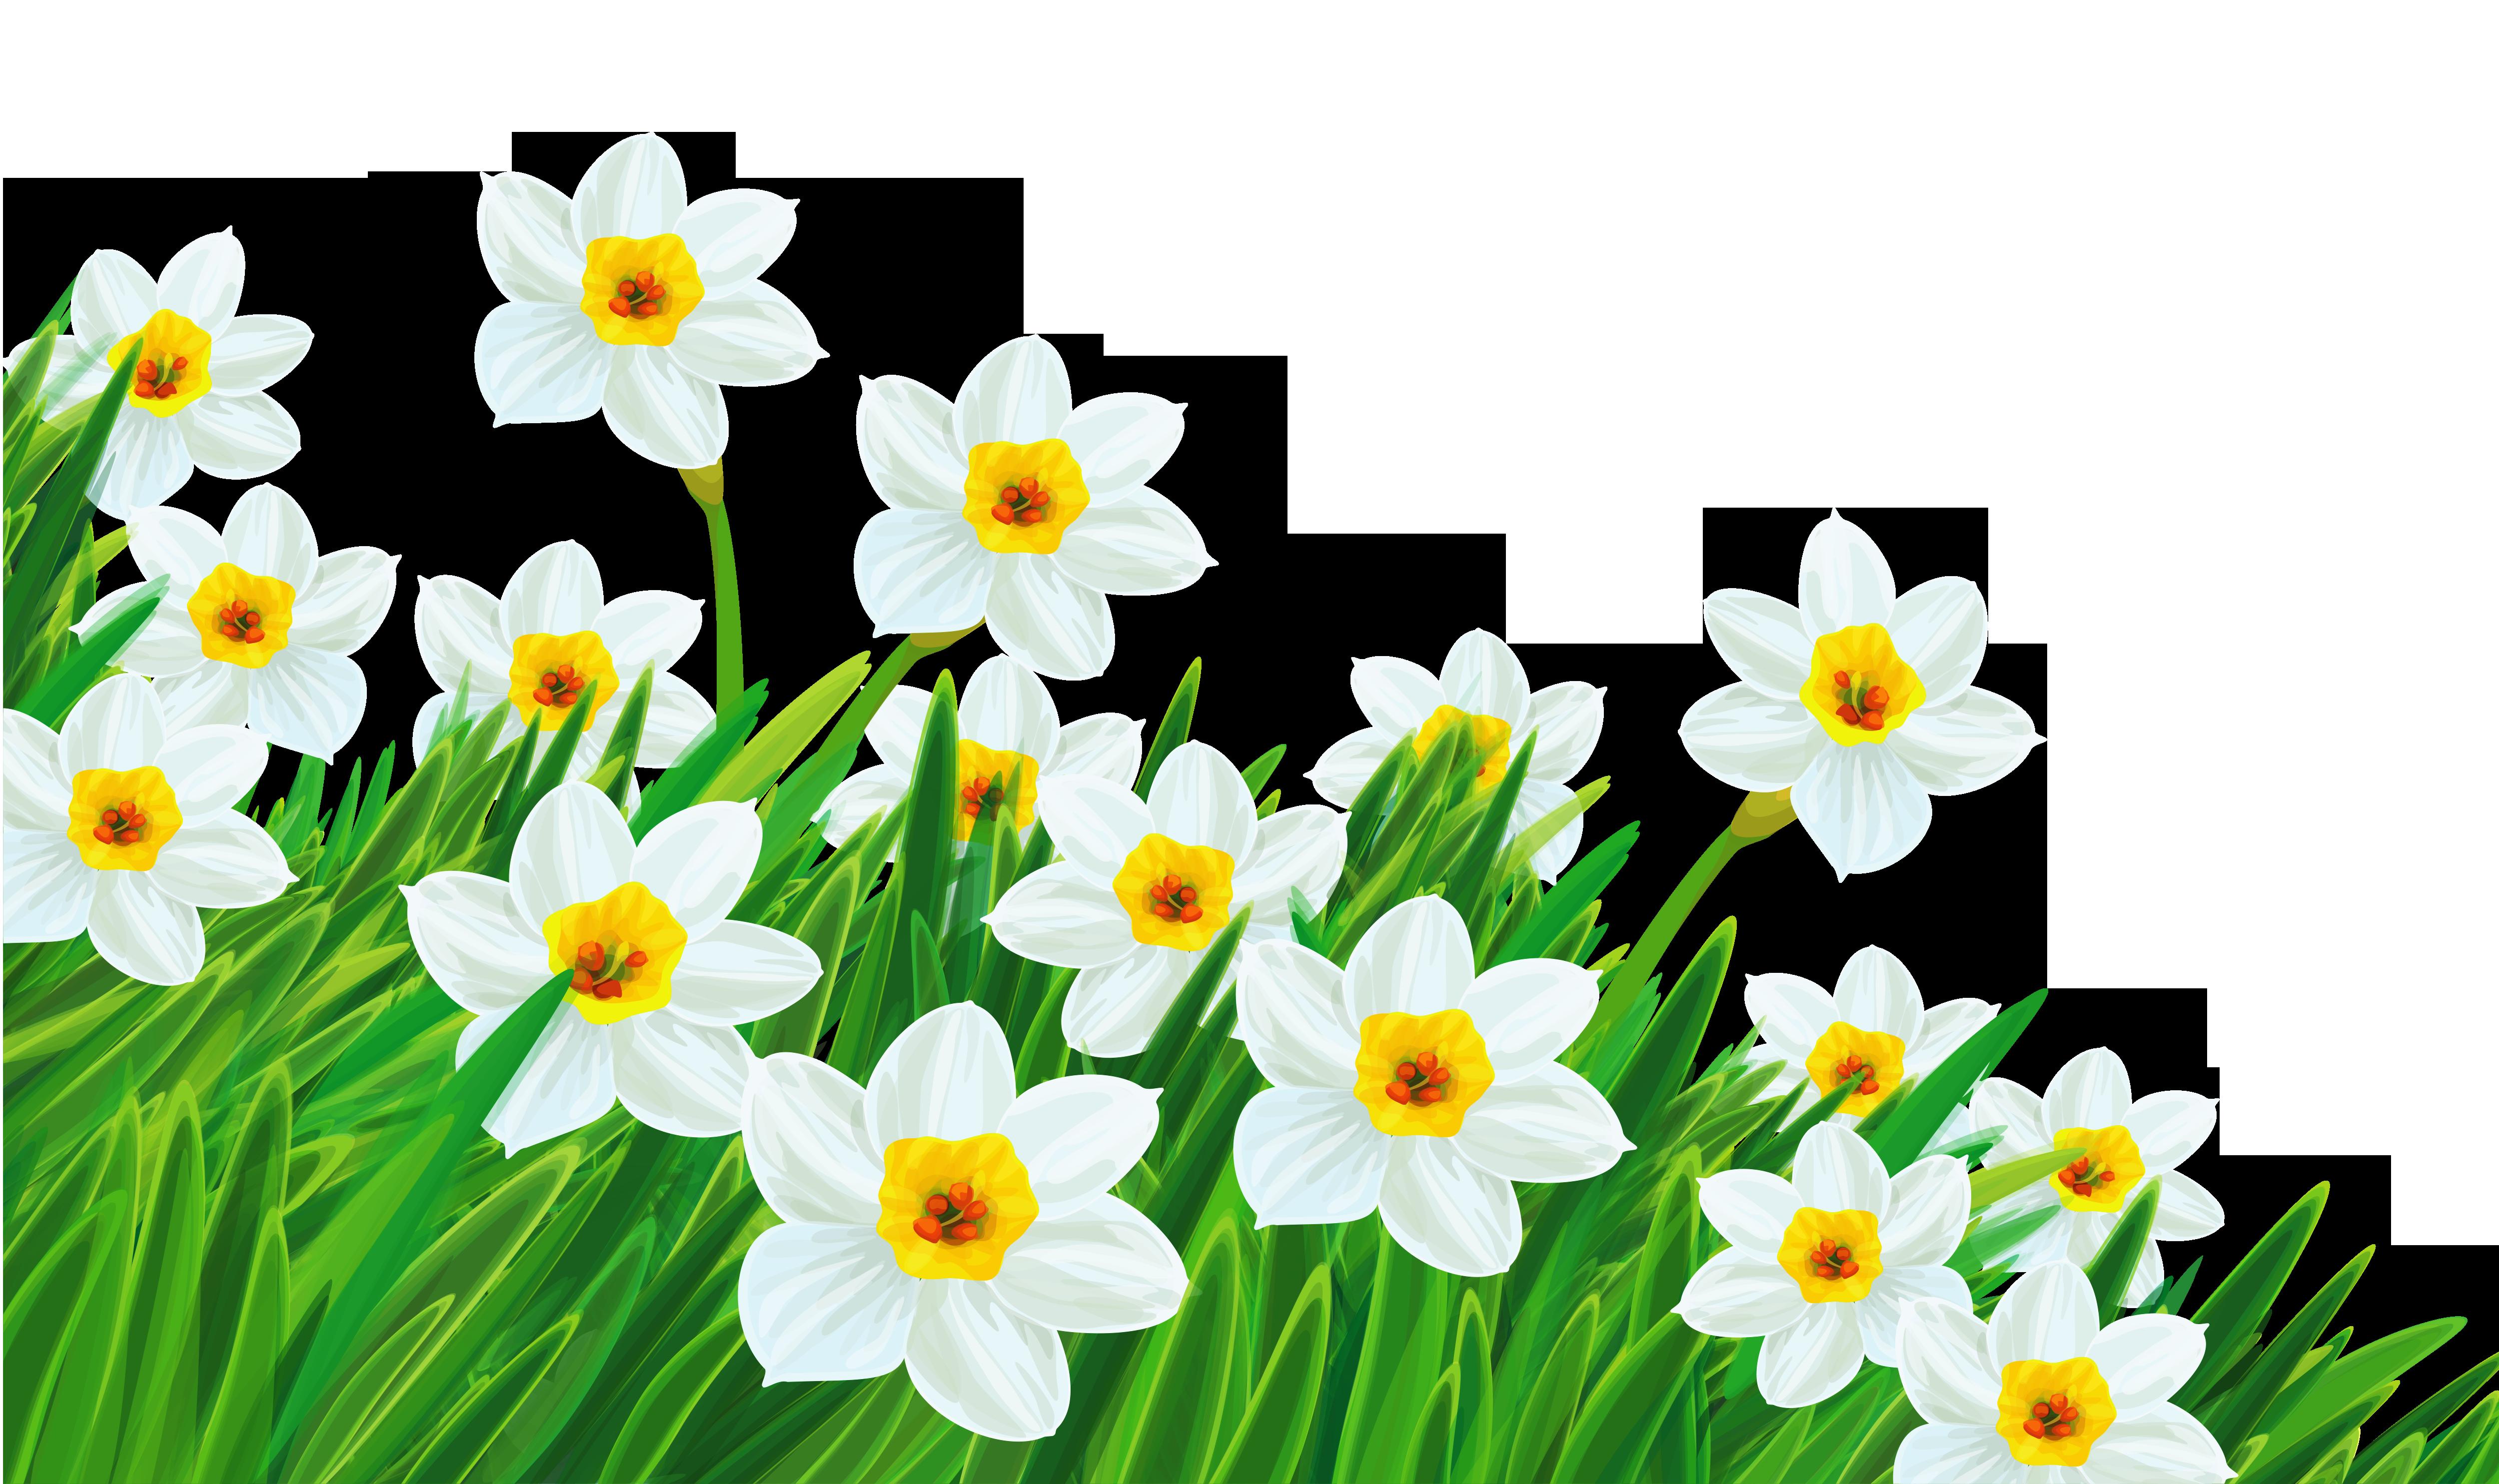 Daffodil Clip Art - Cliparts.co